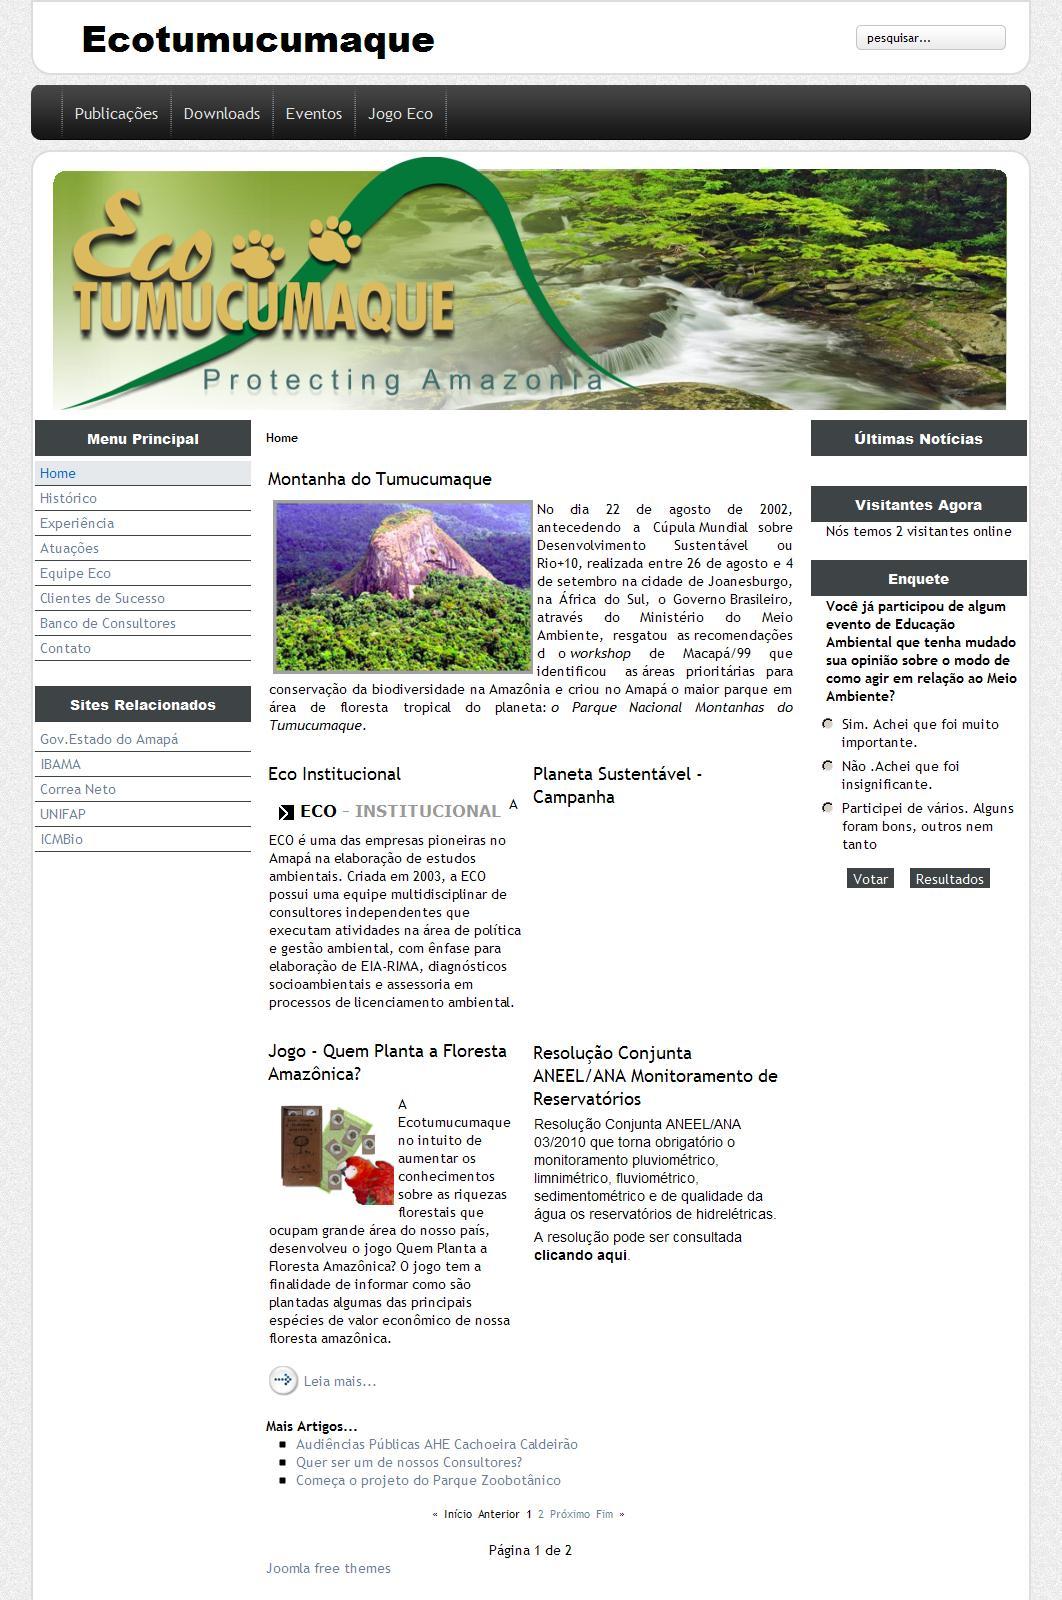 Ecotumucumaque.com.br - Sejam bem vindos.